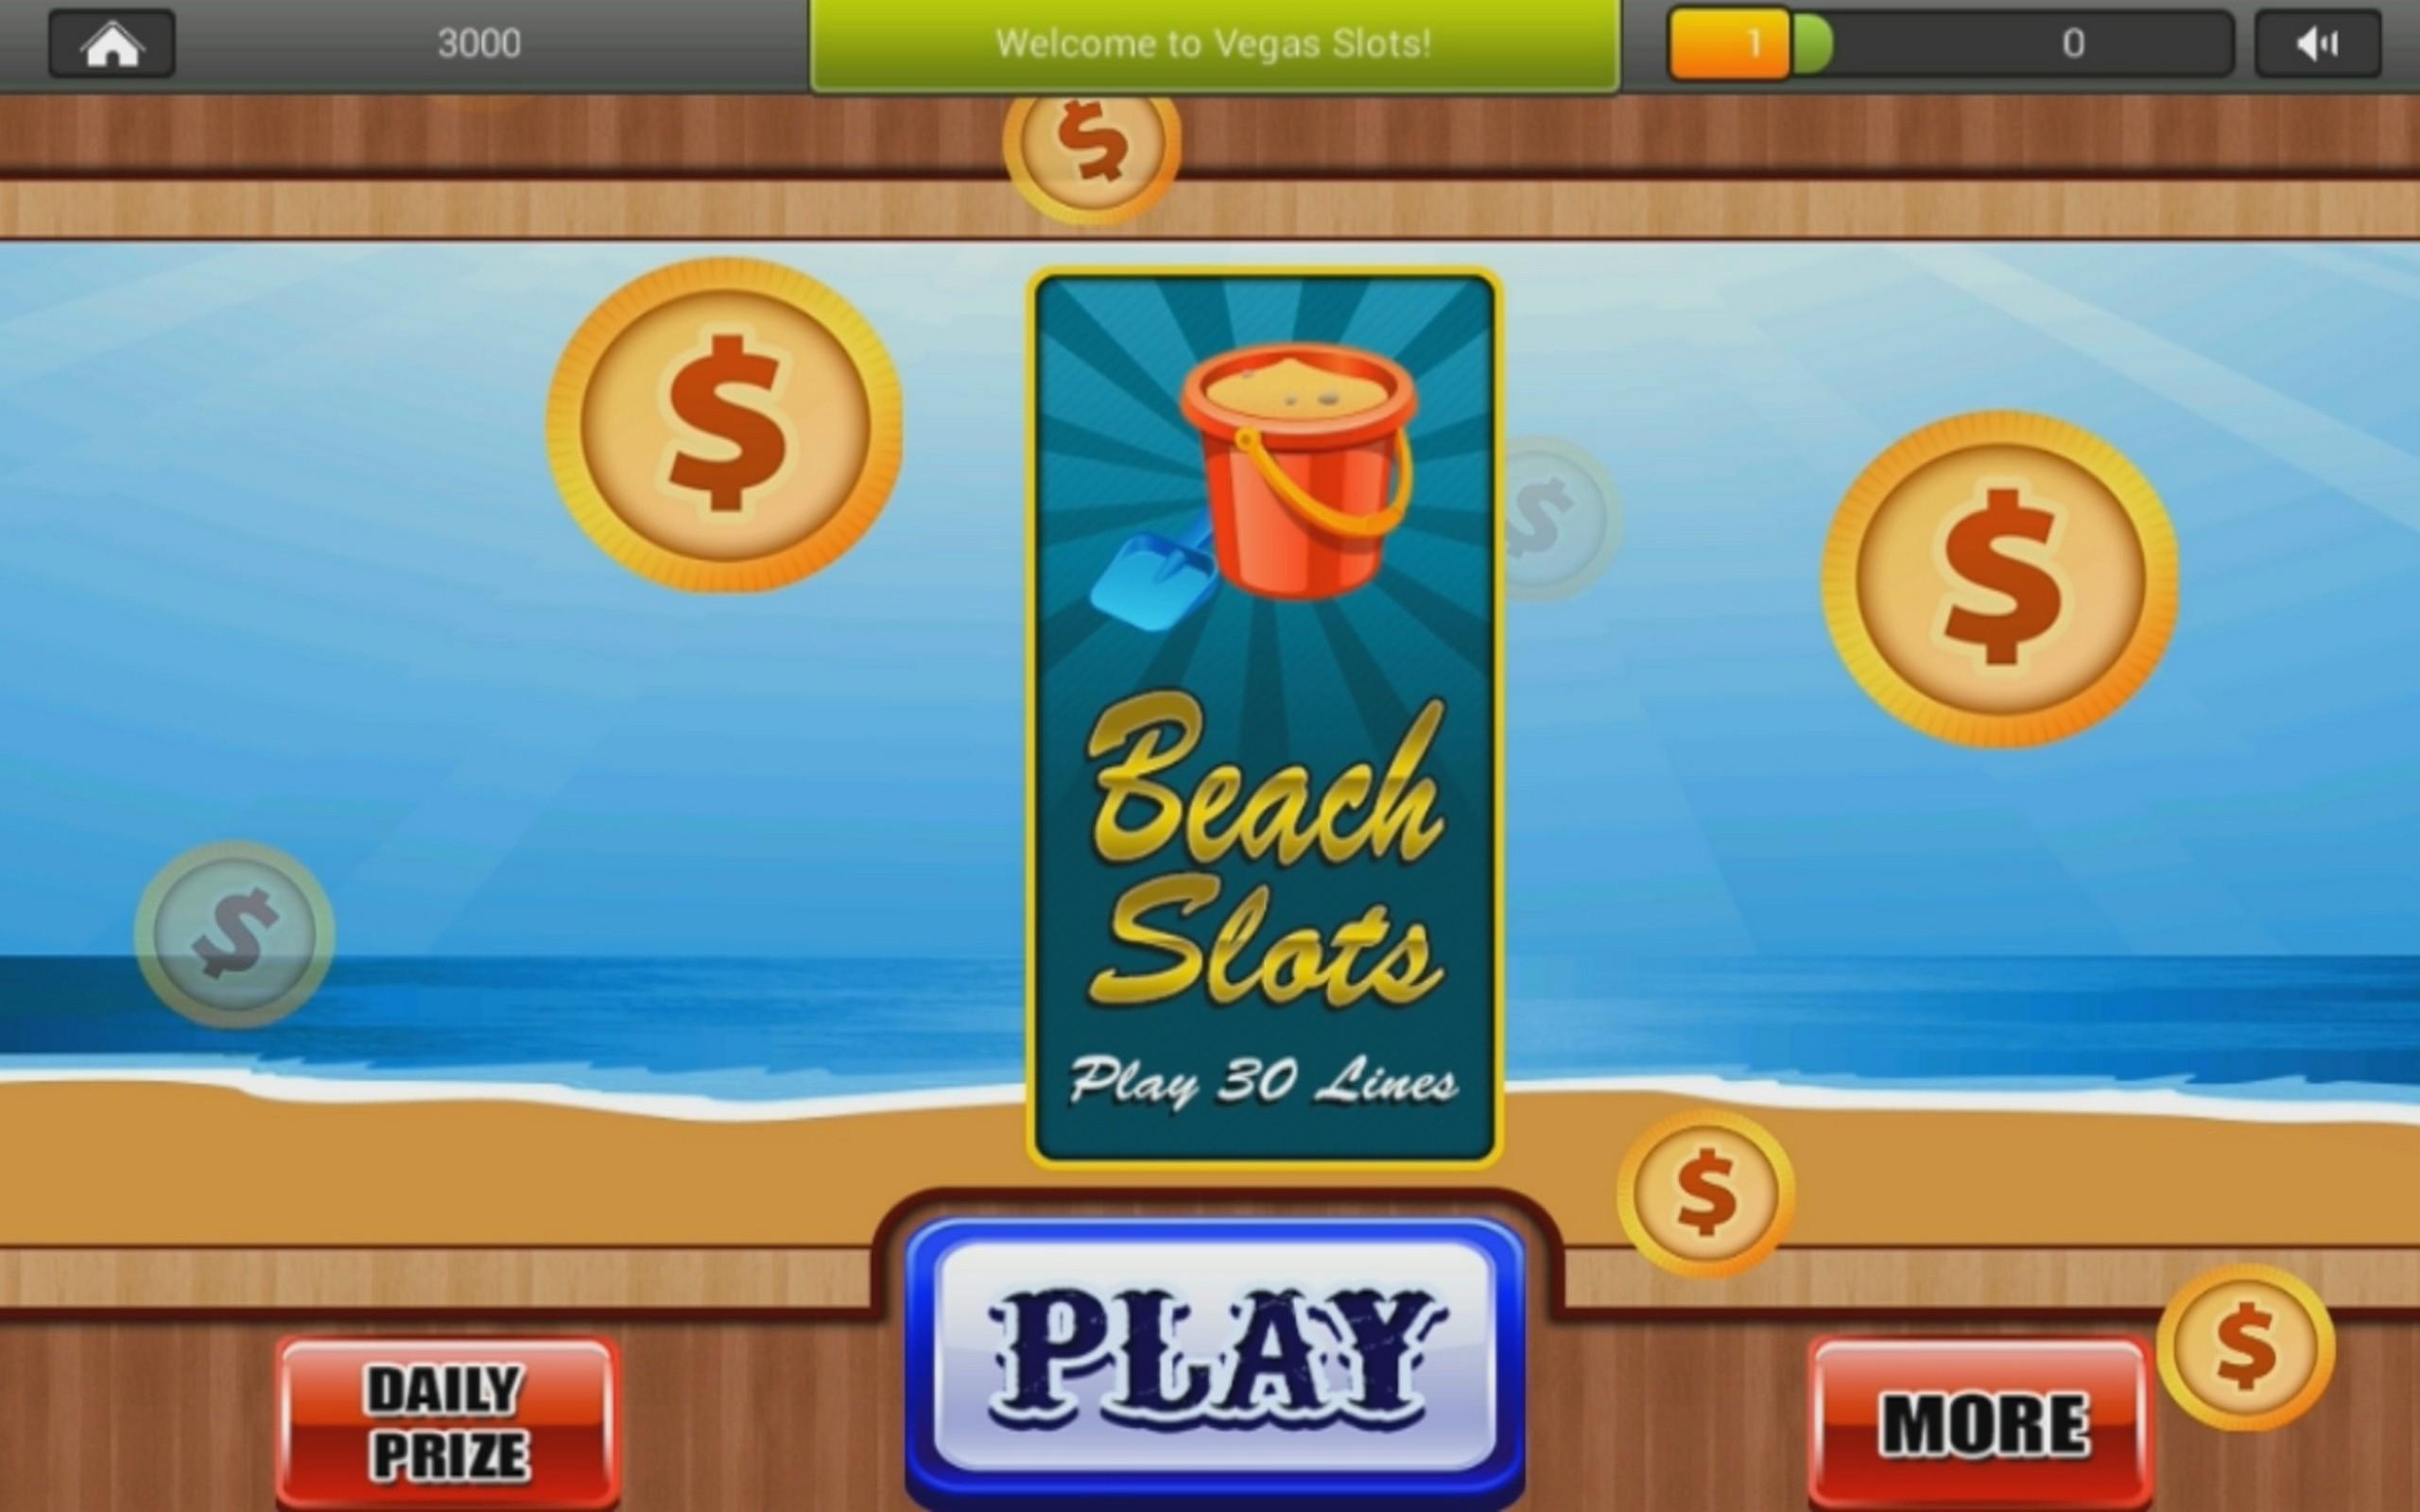 Mejores slots gratis juegos de tragamonedas por diversion-70225